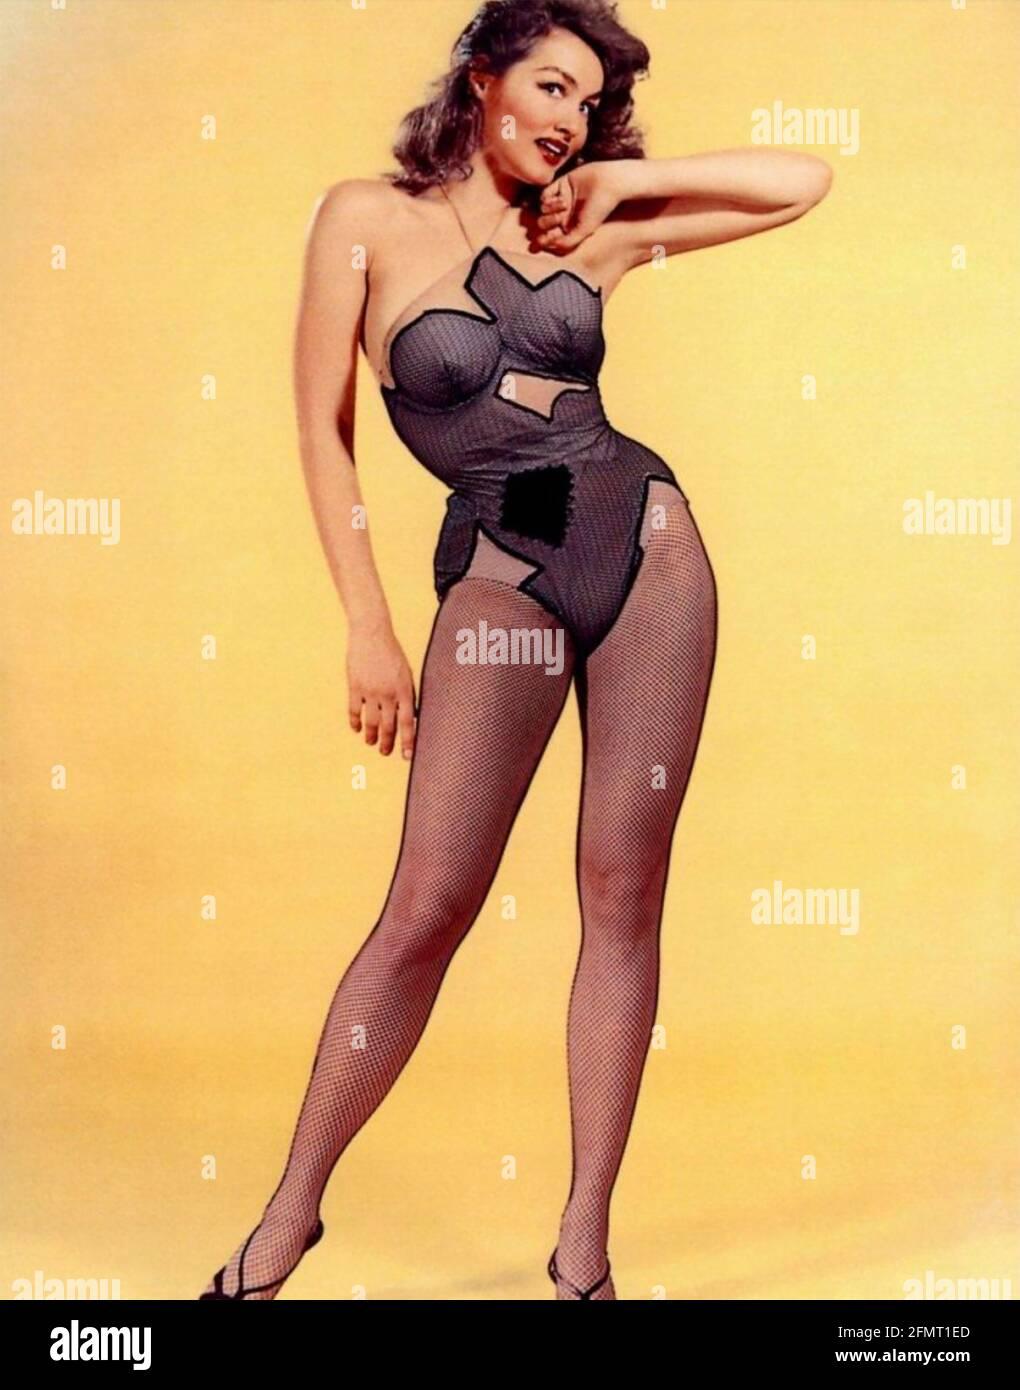 LI'L ABNER 1959 Paramount Pictures film avec Julie Newmar comme Stupefyin' Jones. Photo: Graphic House Banque D'Images